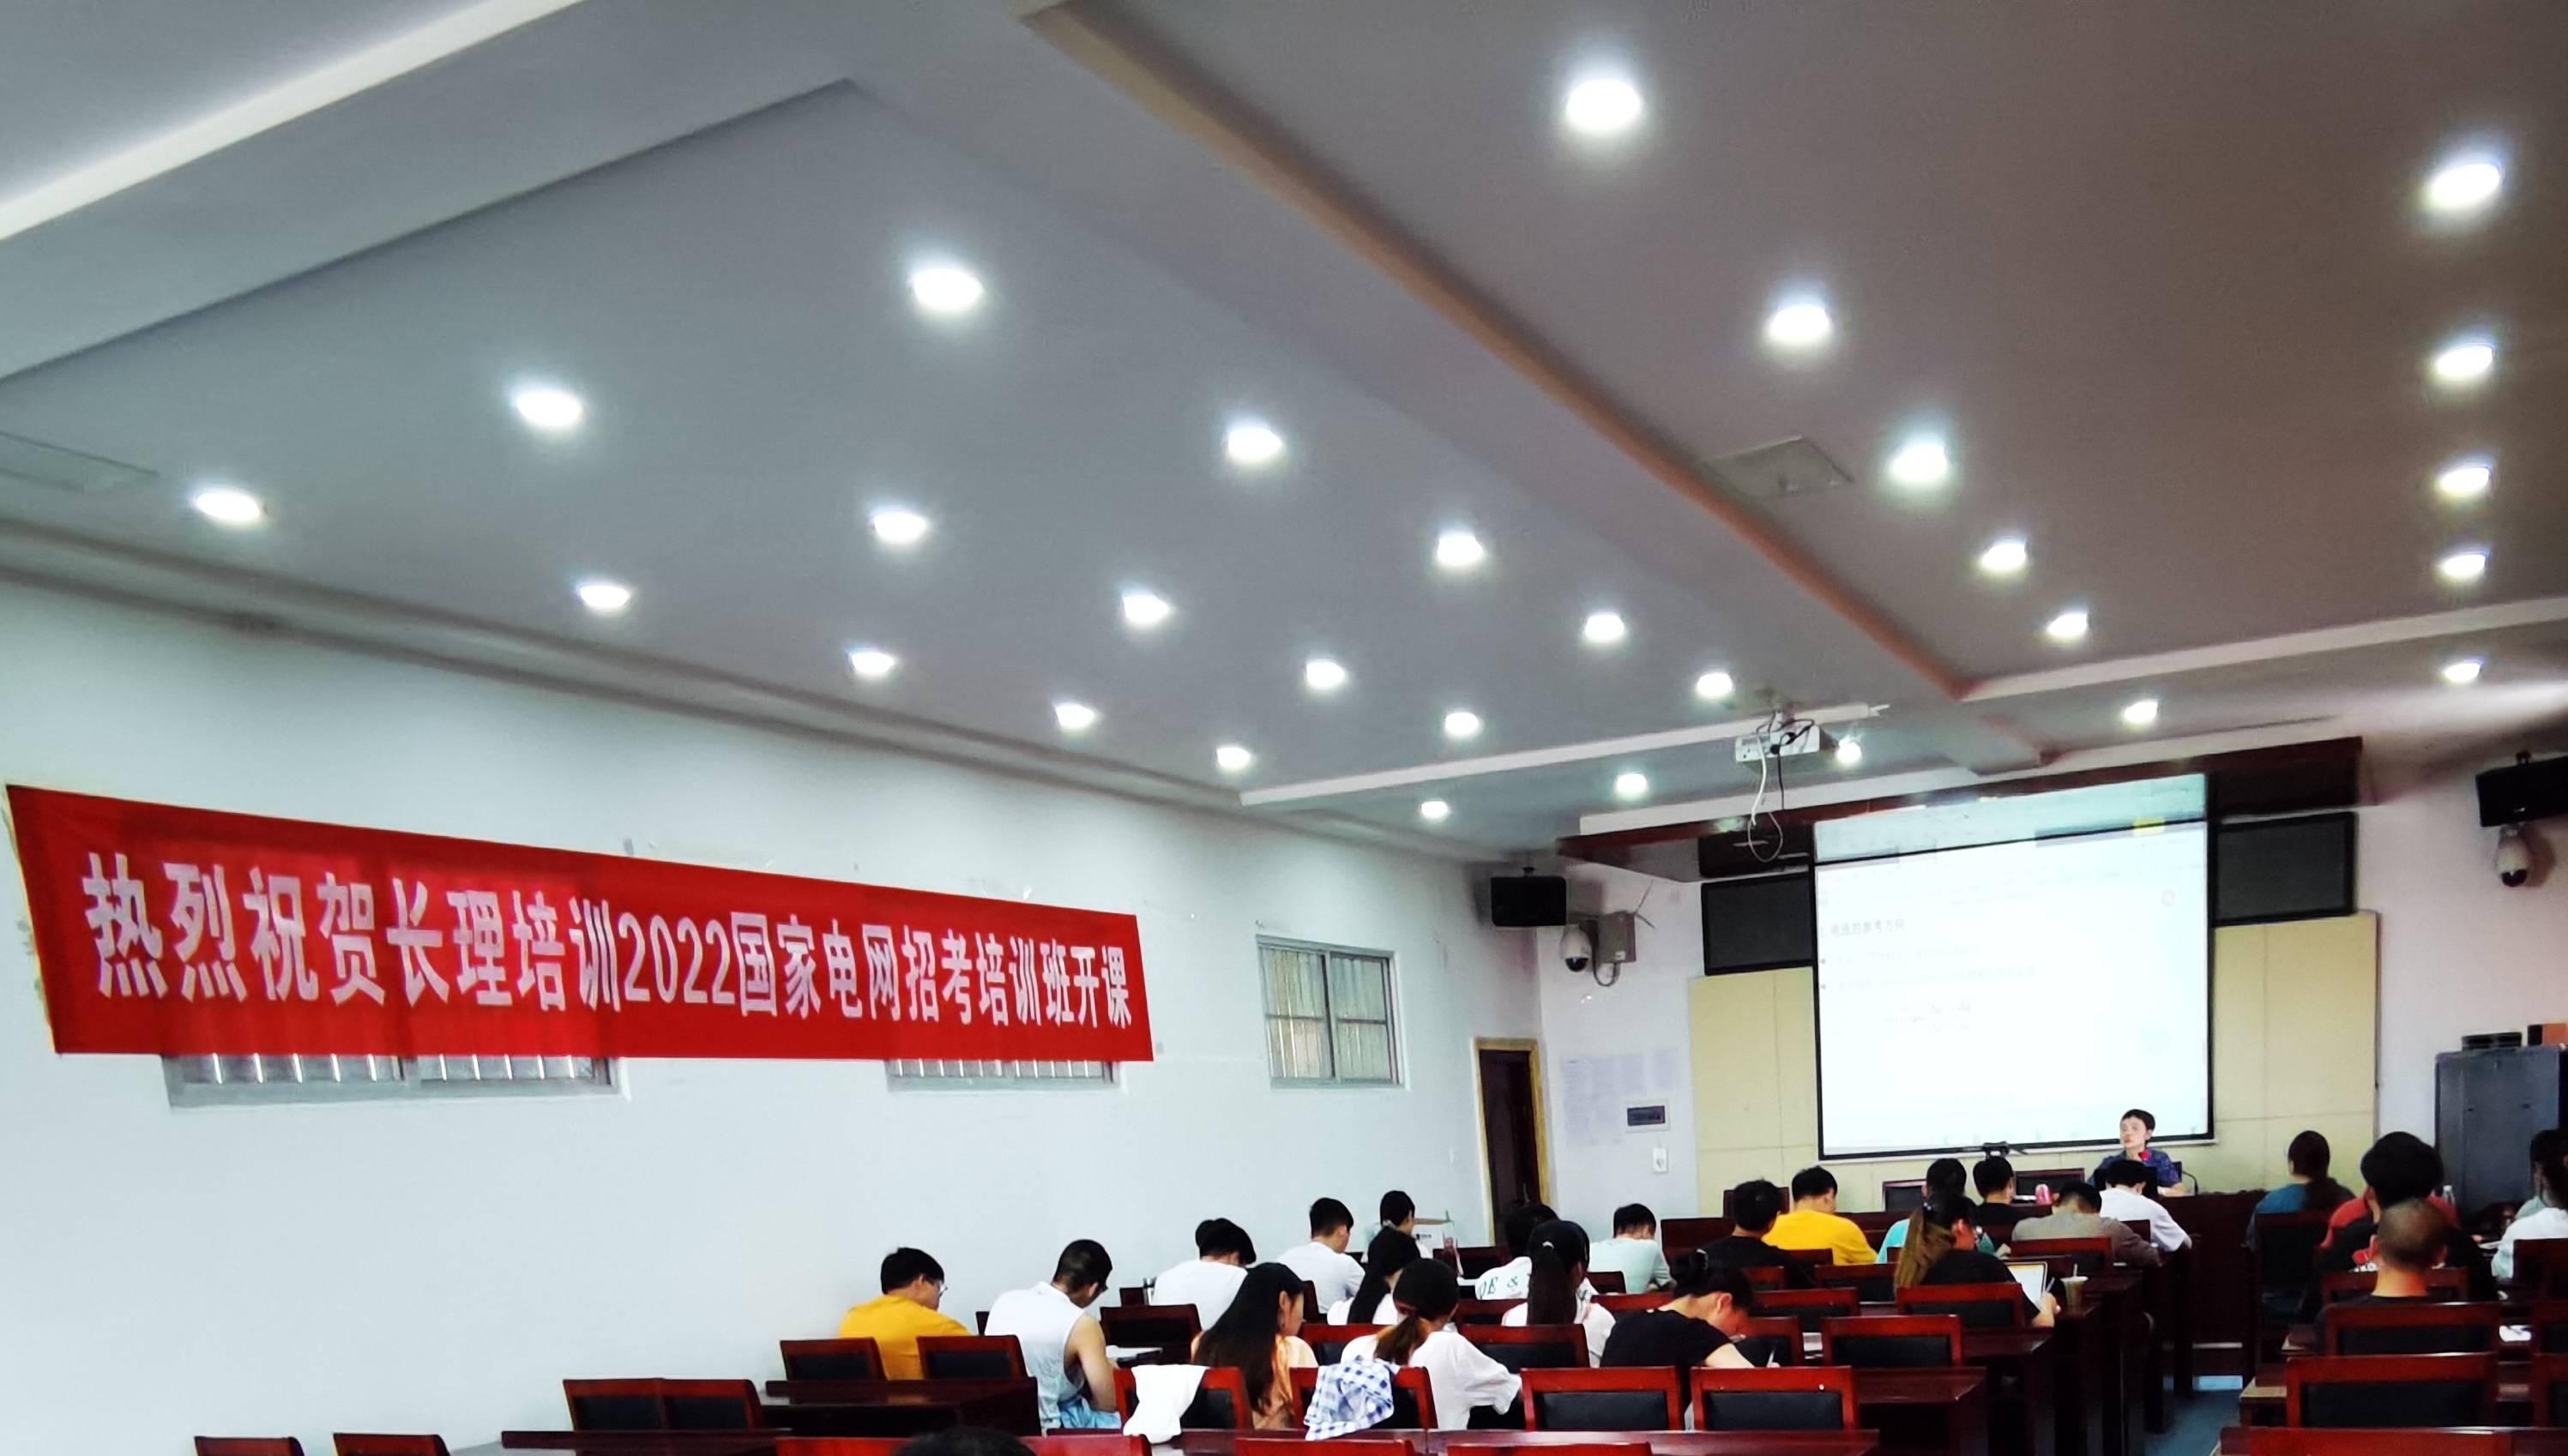 提前了解2022国网考试大纲,准备证书